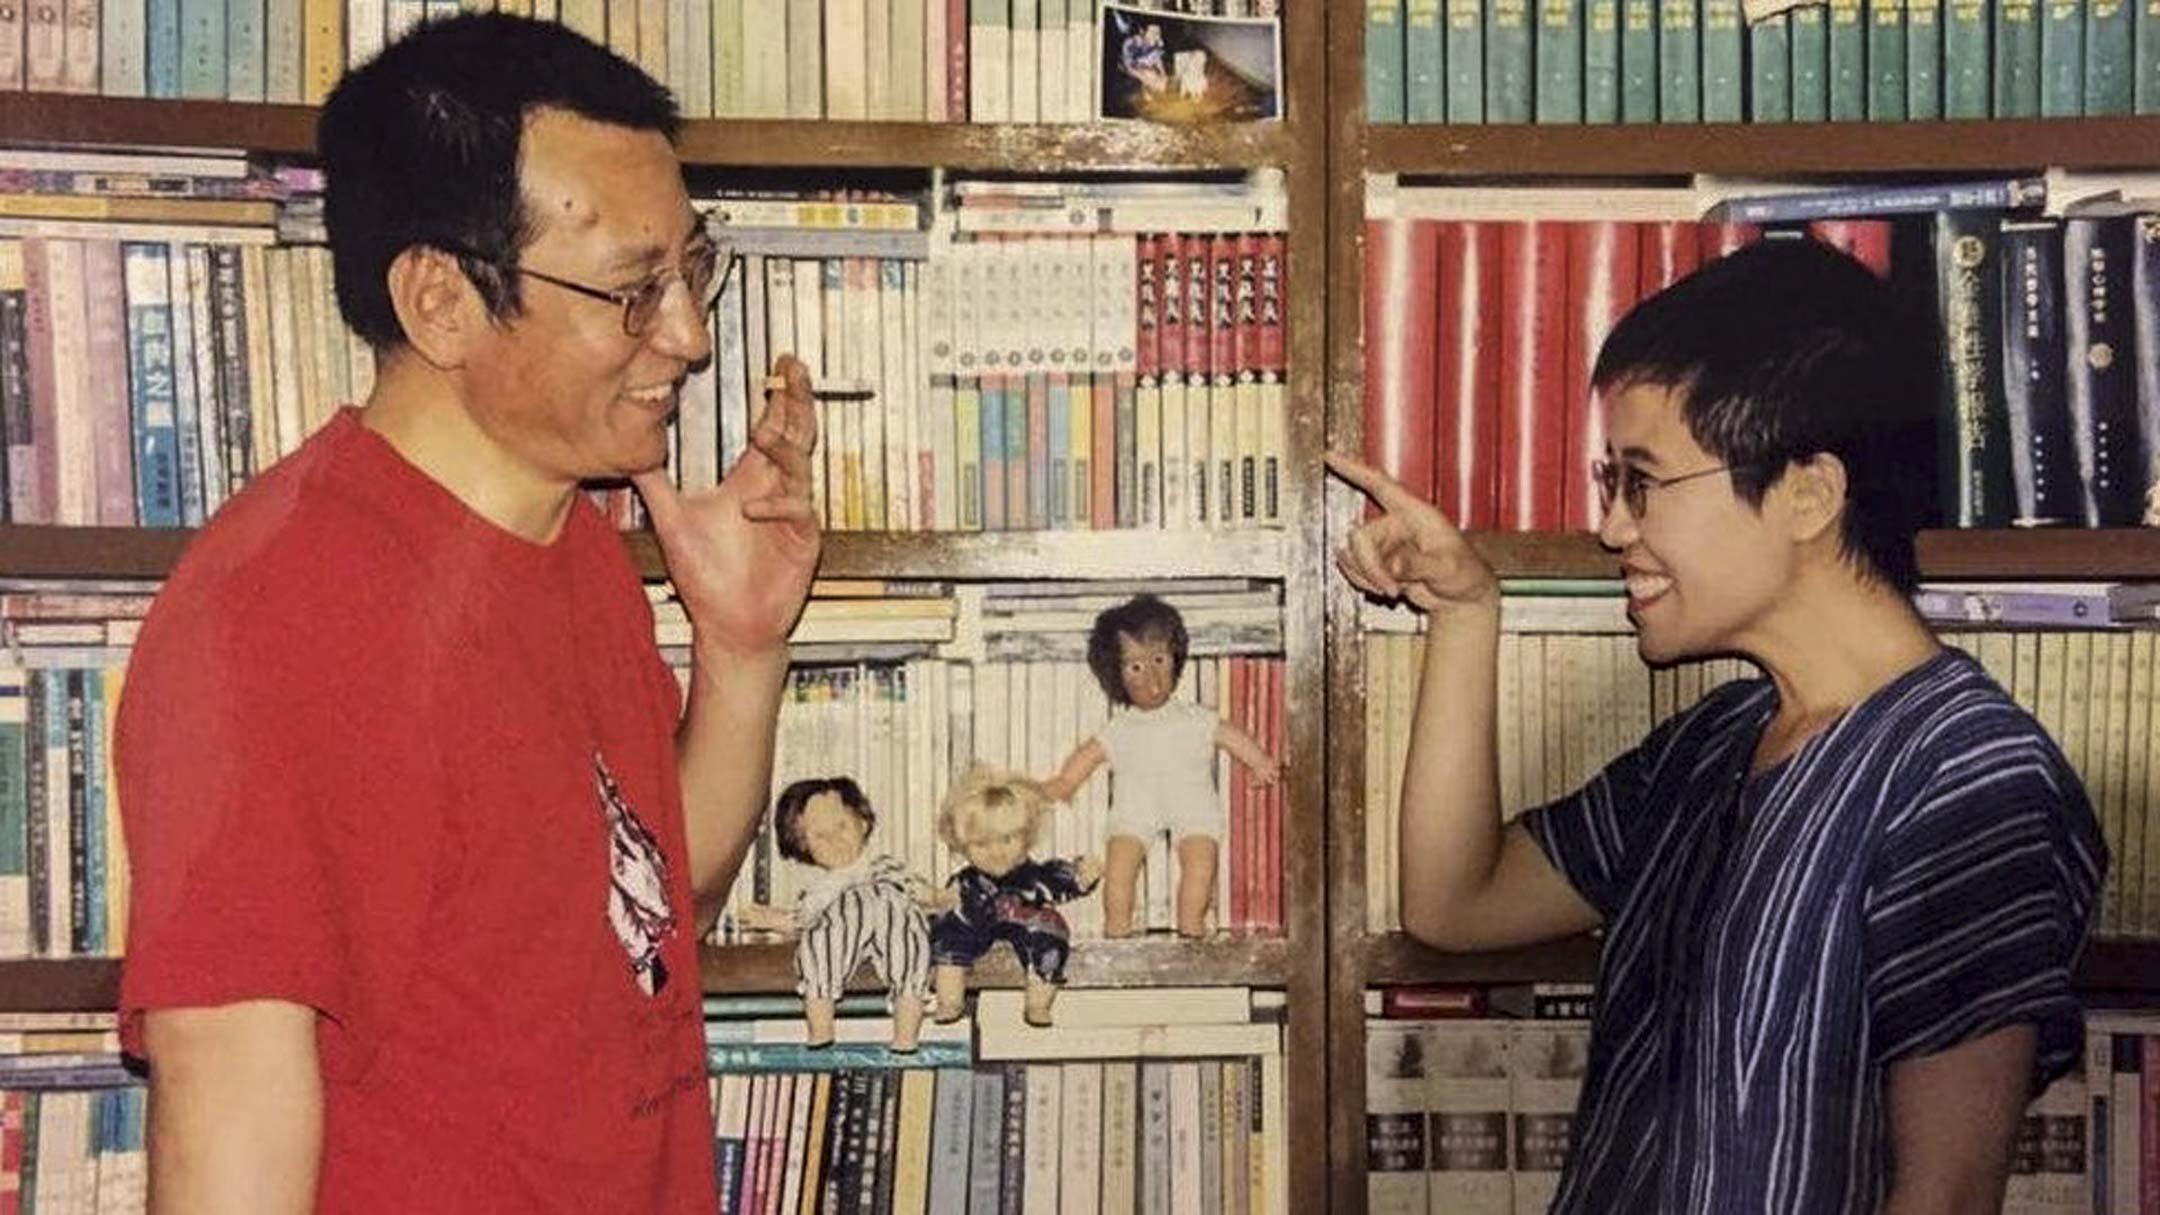 劉曉波與劉霞。 圖片來源:陳小平/Twitter